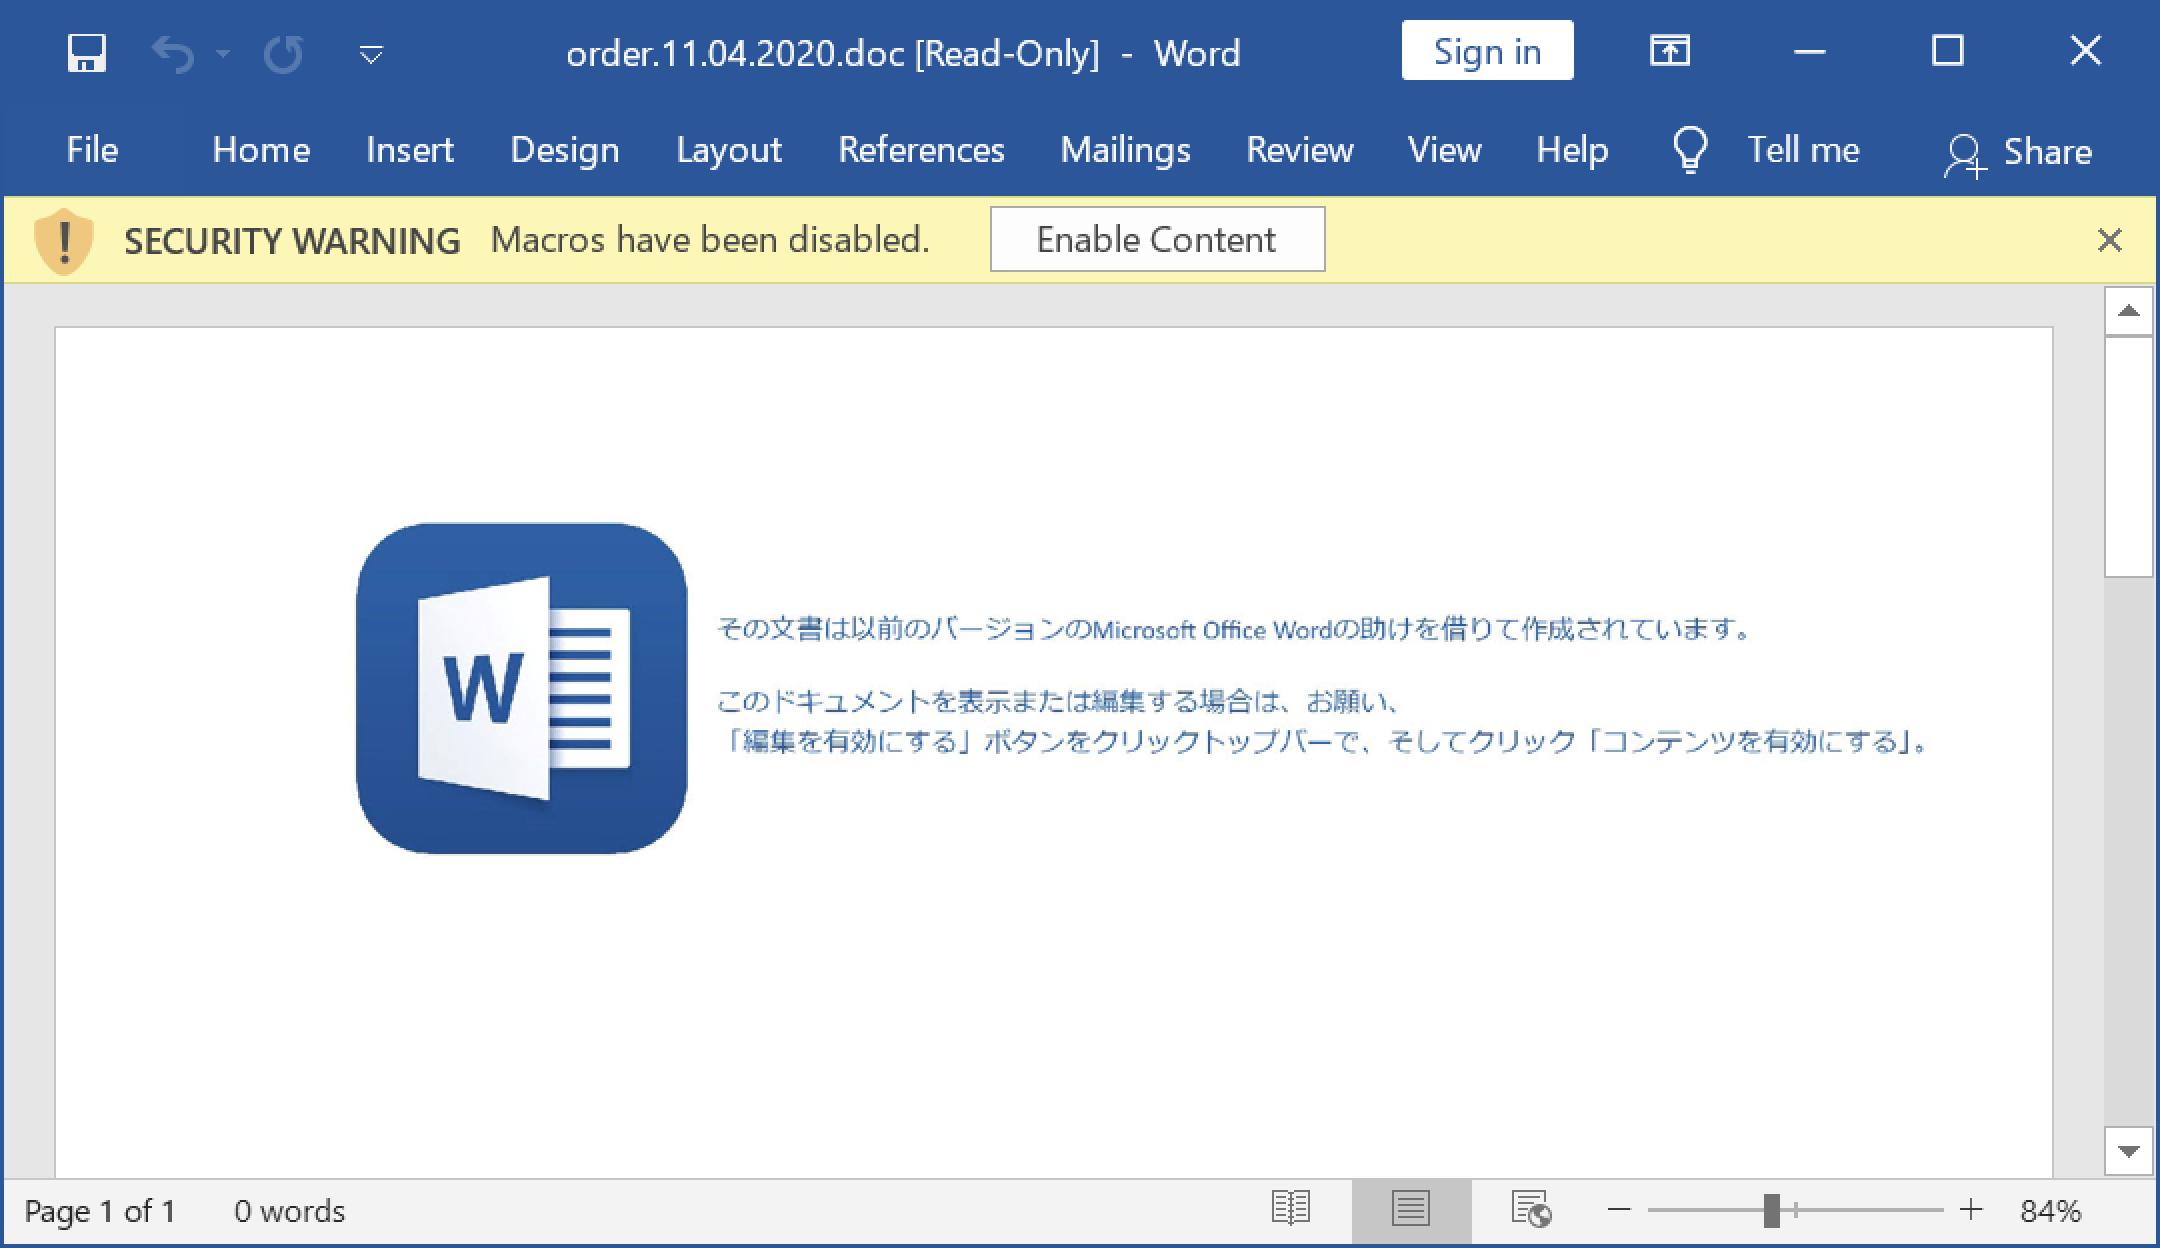 悪意のあるZIPアーカイブから取得したWord文書には、有効にすると脆弱なコンピュータに損害を与える可能性のあるマクロが含まれています。